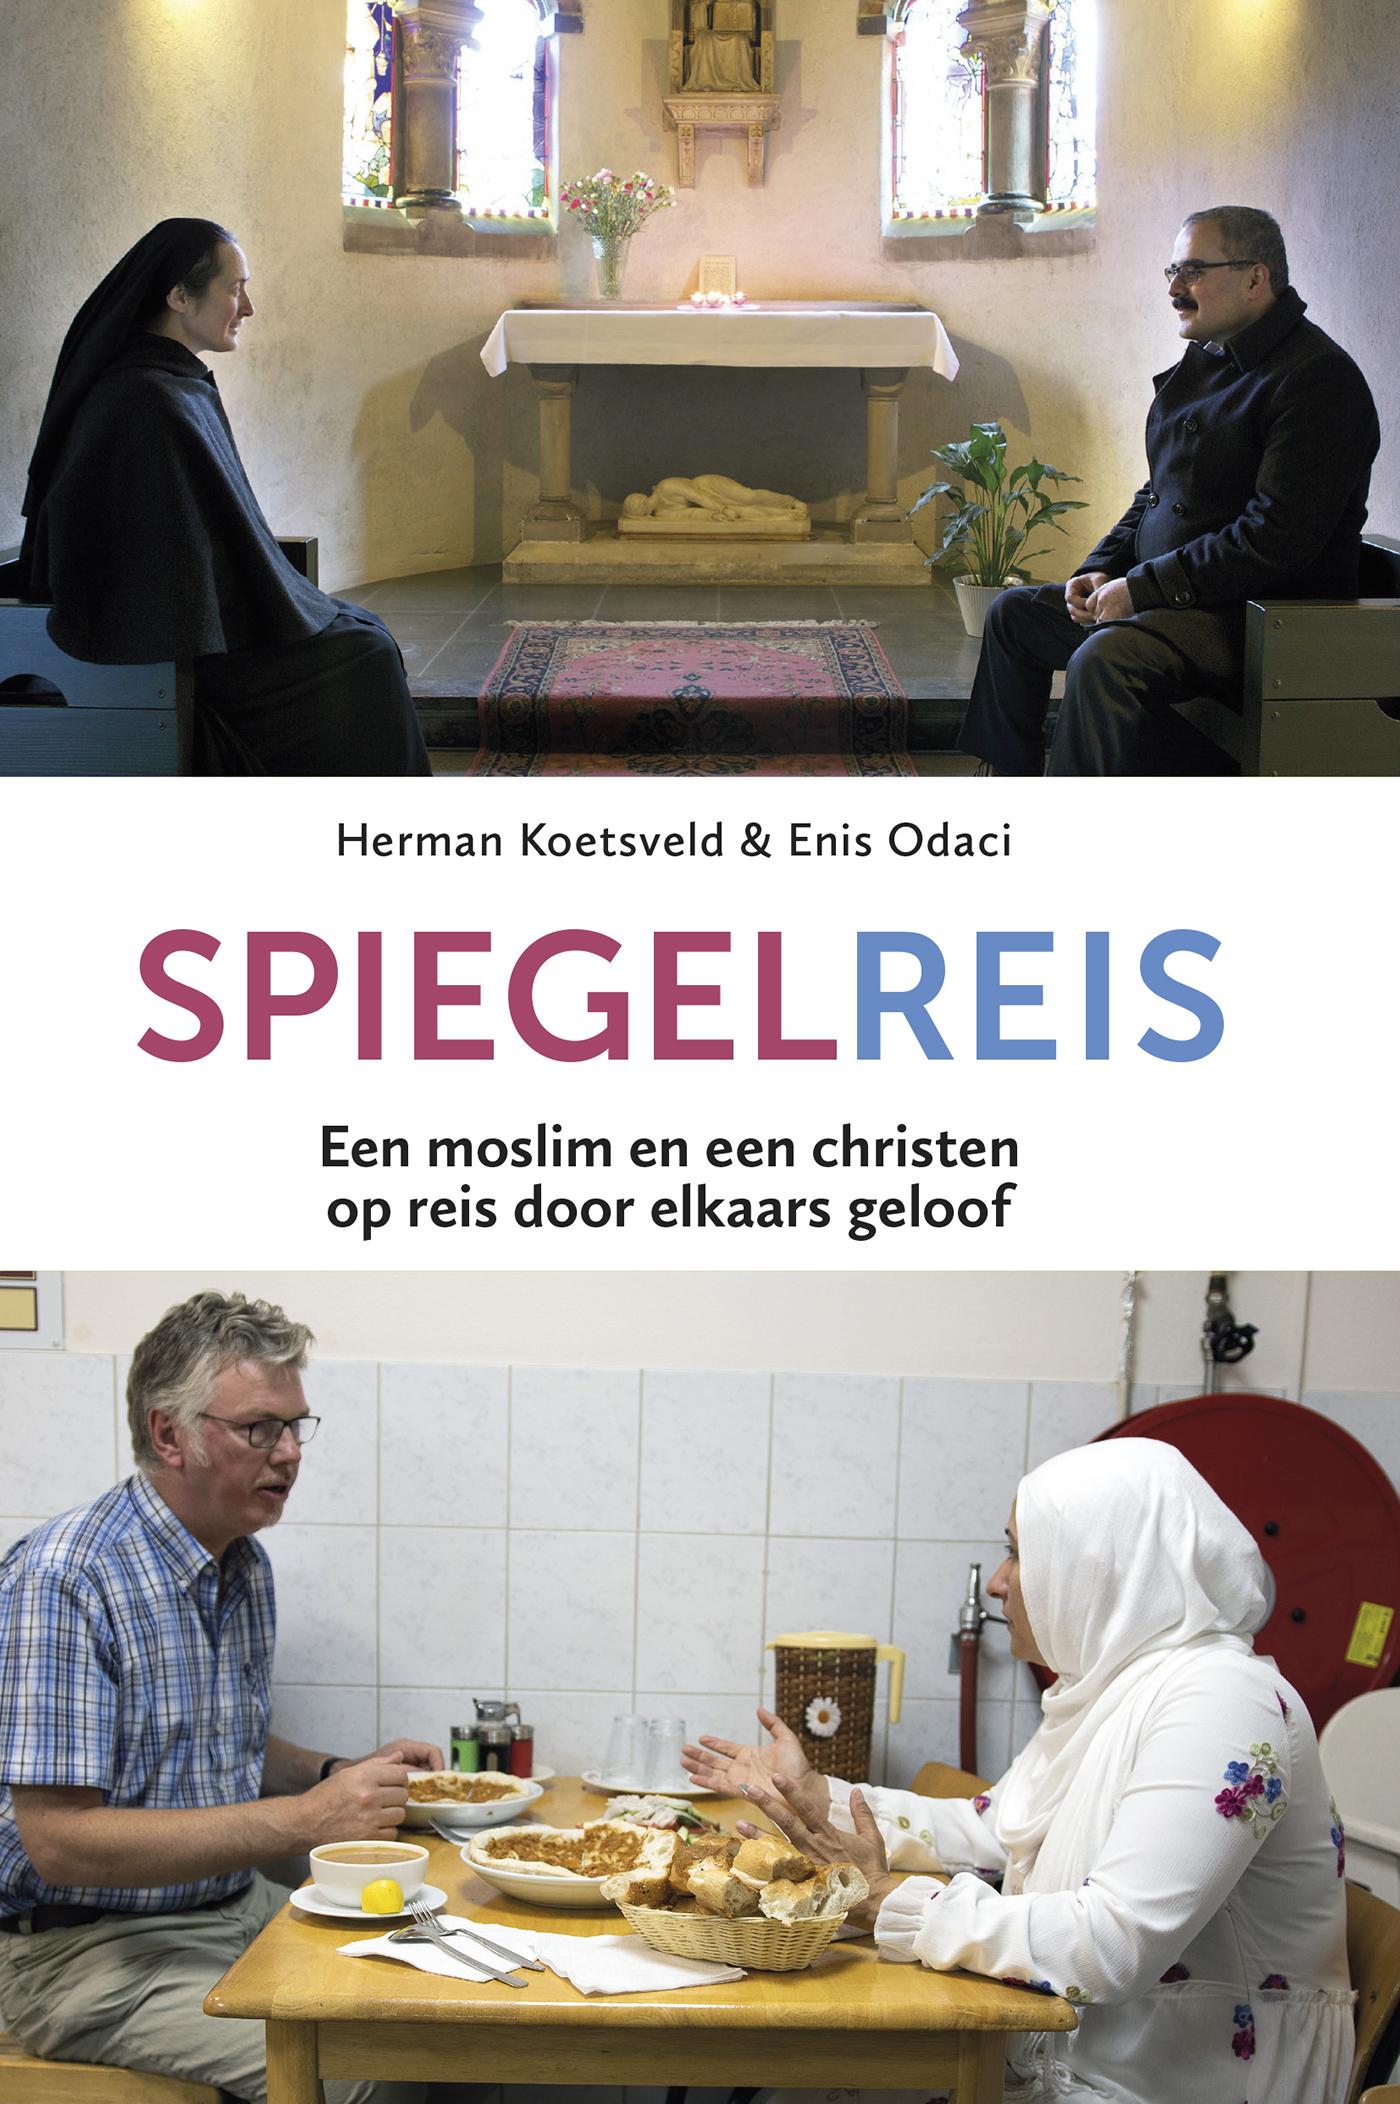 Spiegelreis